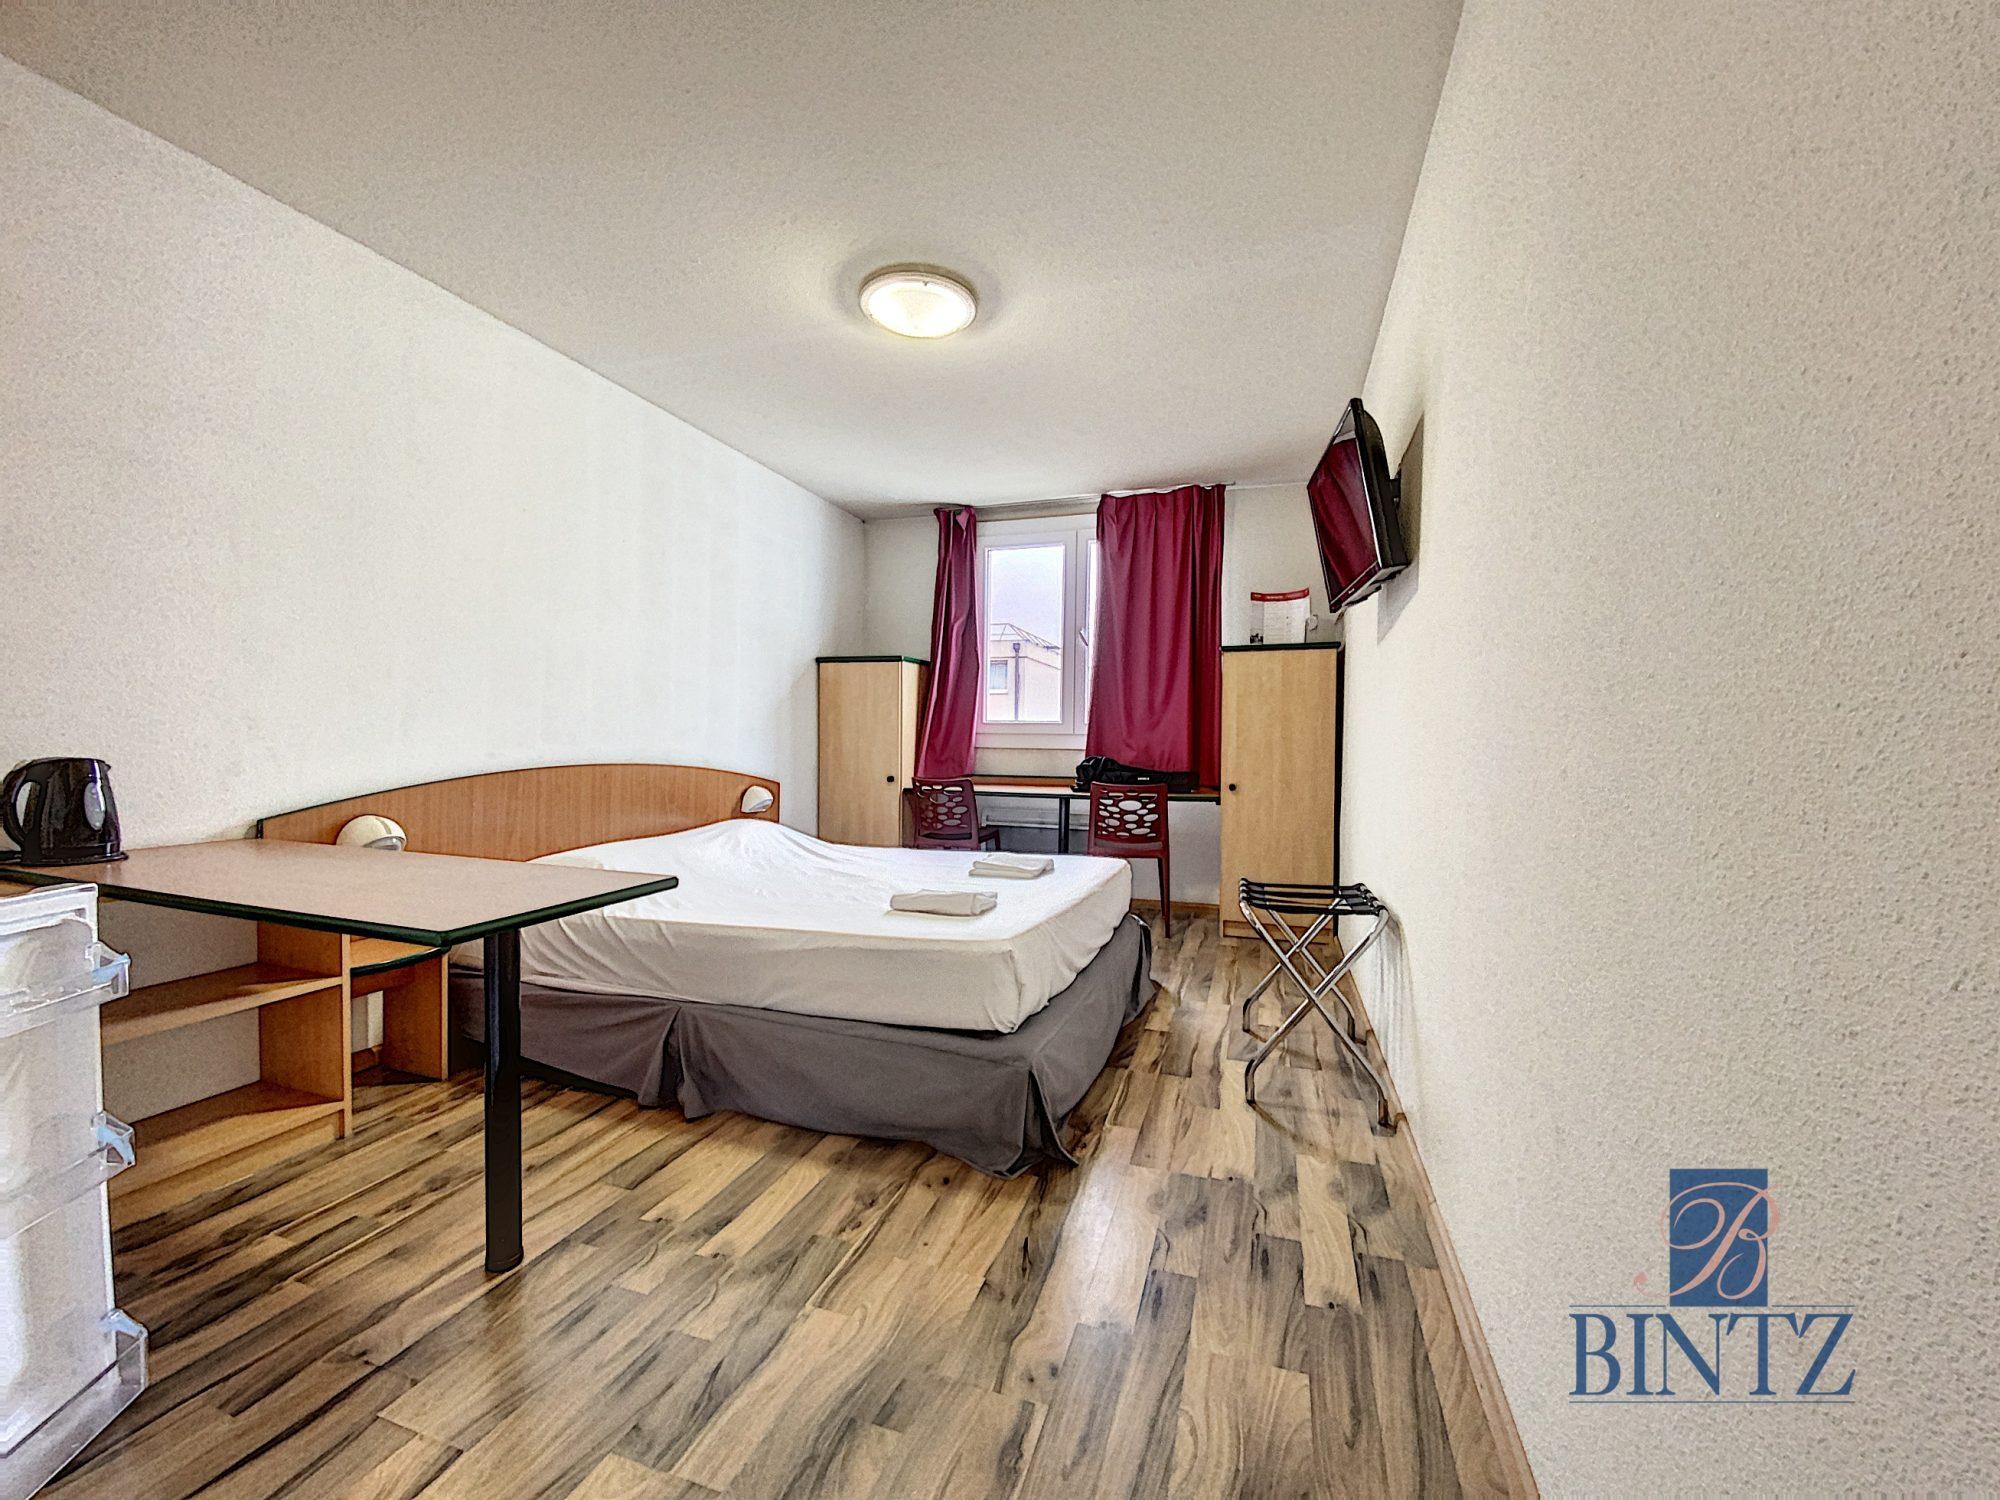 Studio en résidence hôtelière - Devenez propriétaire en toute confiance - Bintz Immobilier - 1